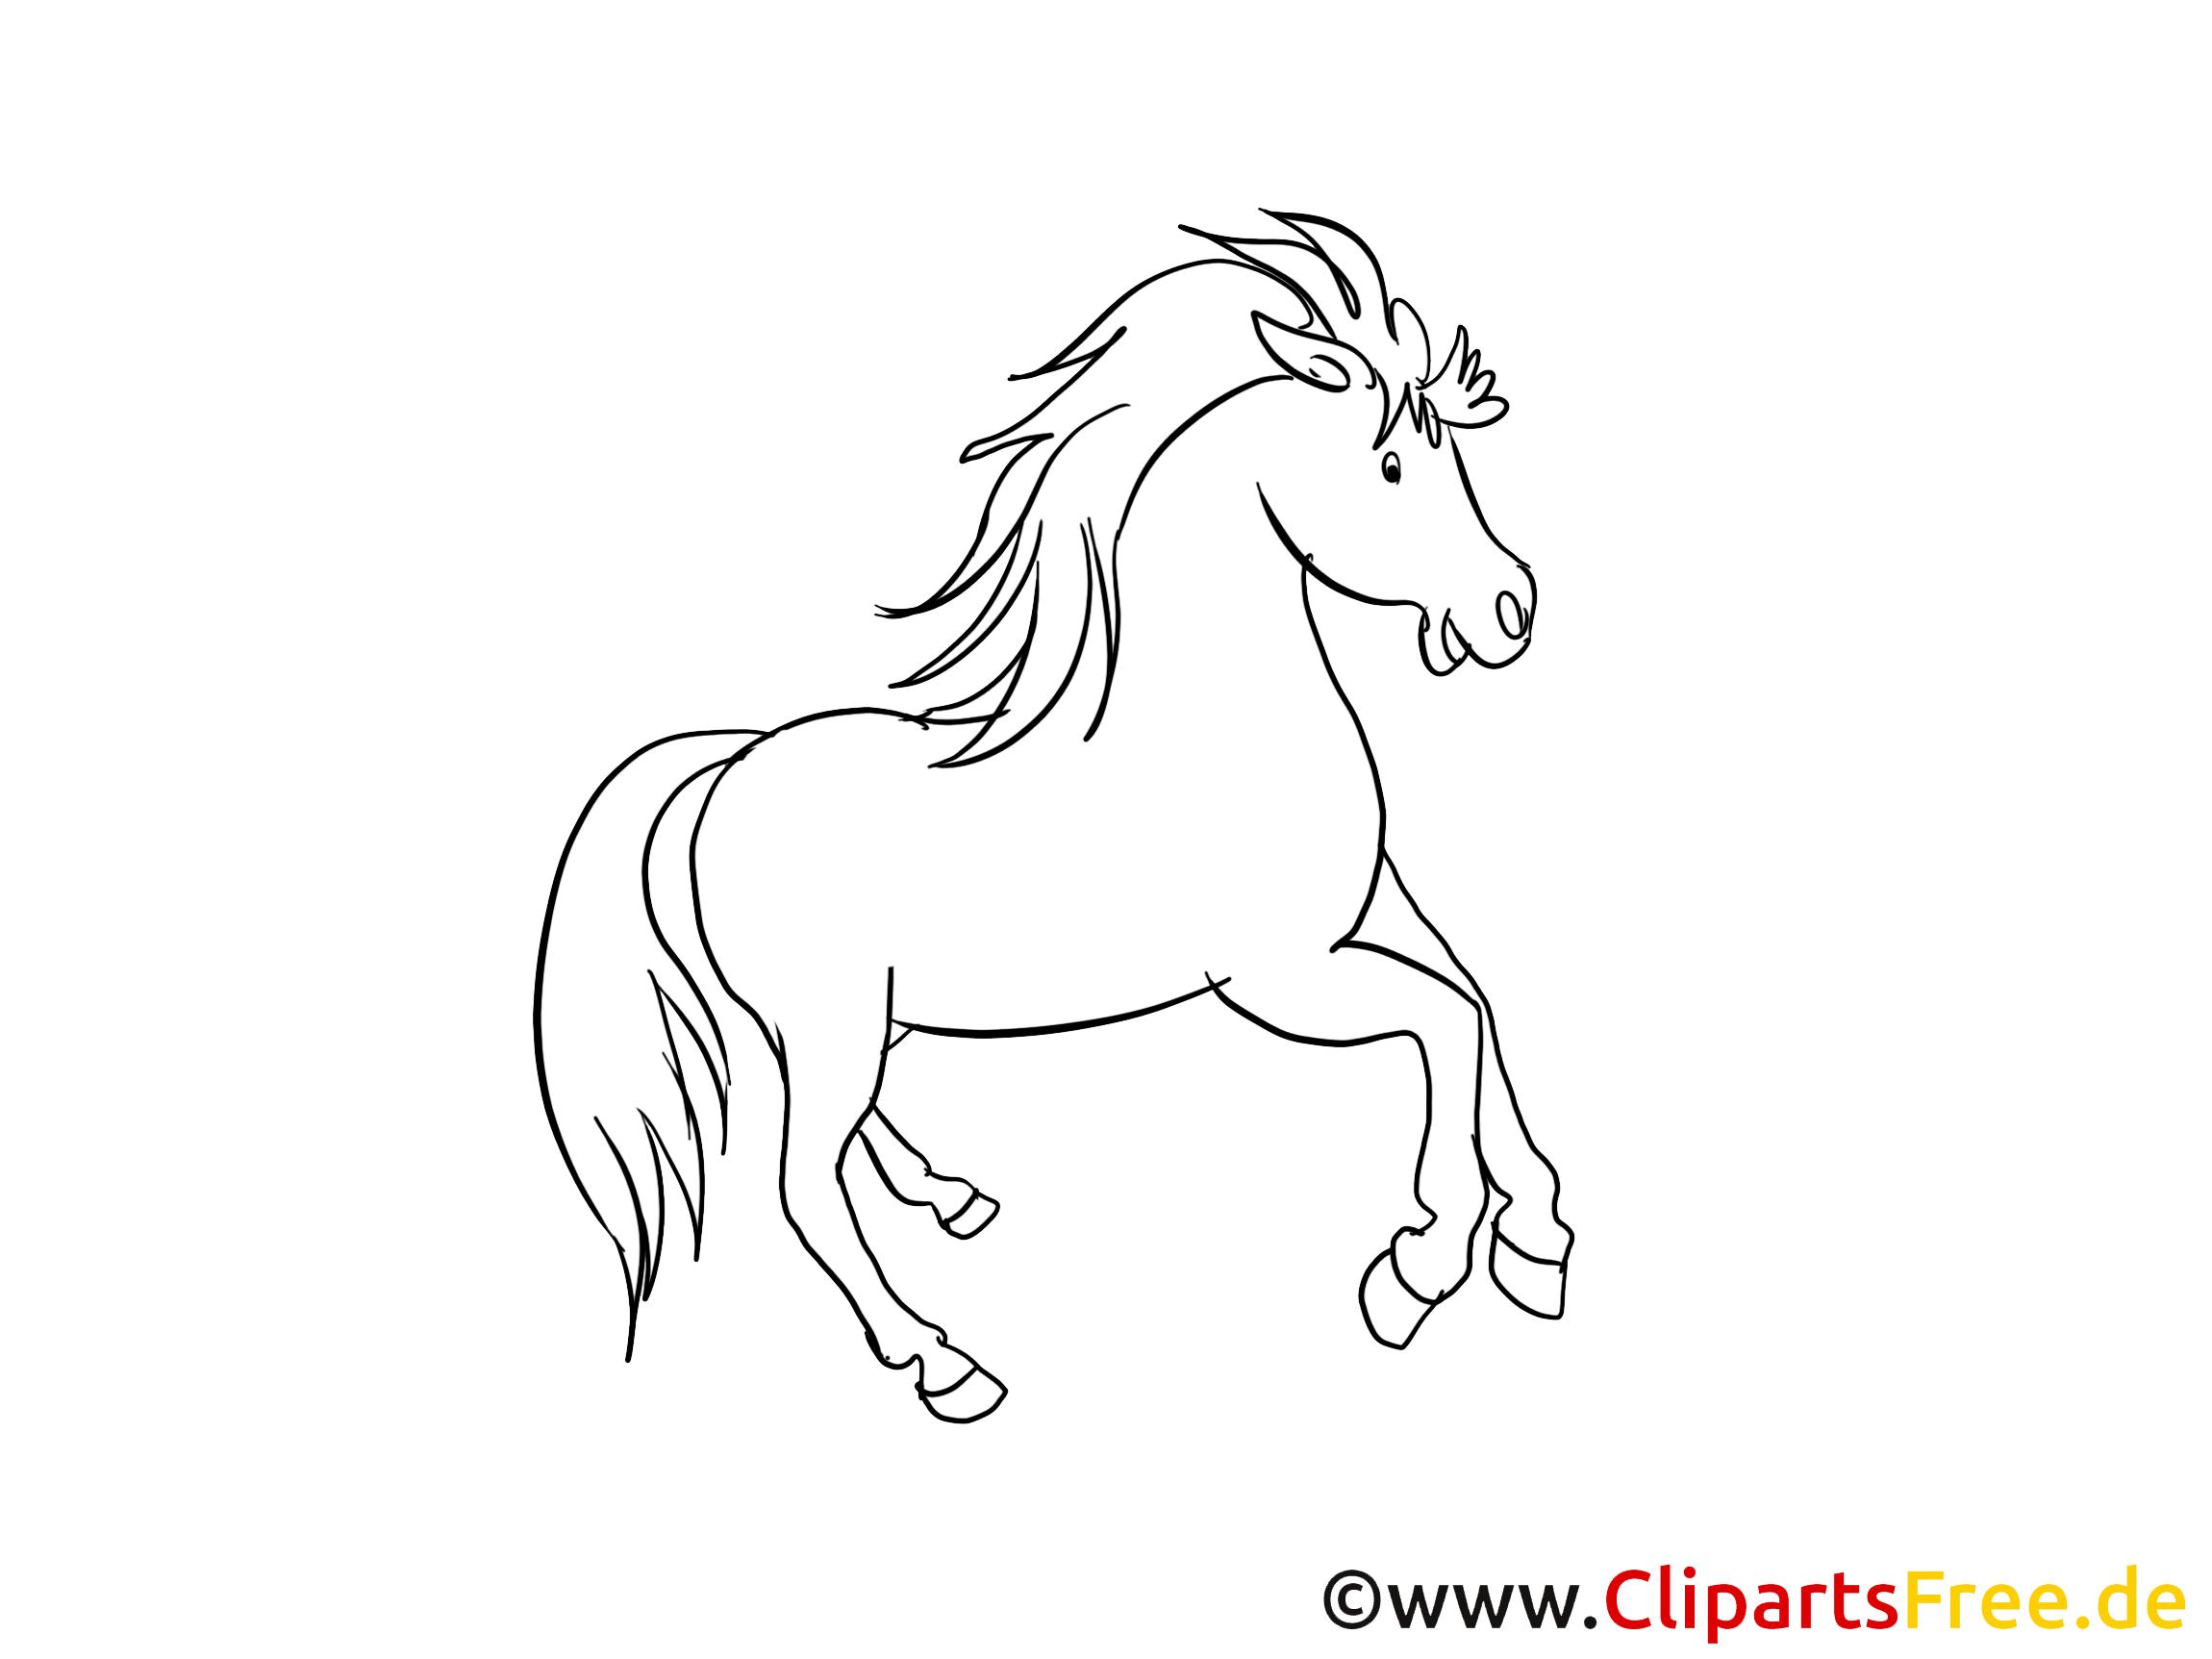 Dessin gratuit à colorier cheval image